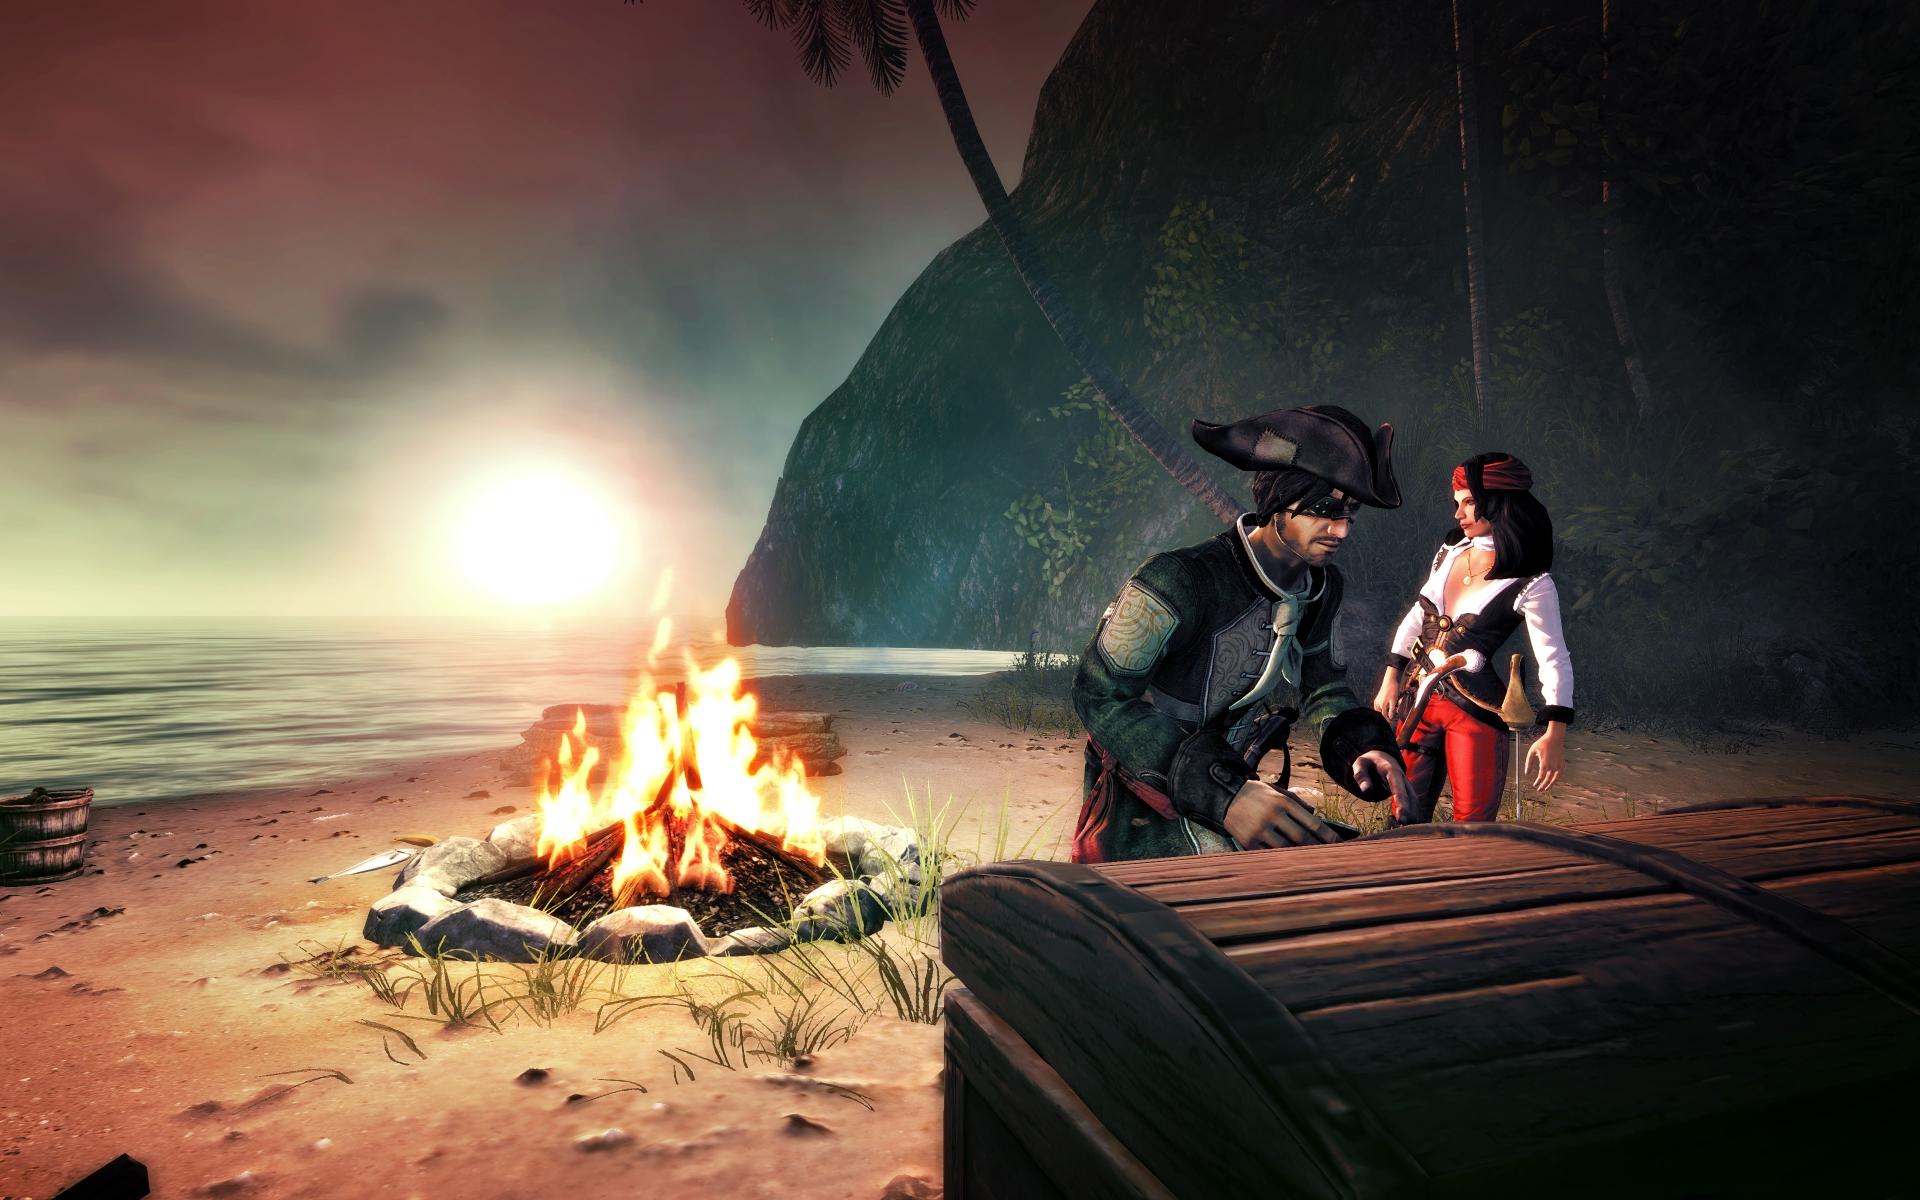 Odhaleno příběhové DLC pro Risen 2 59651